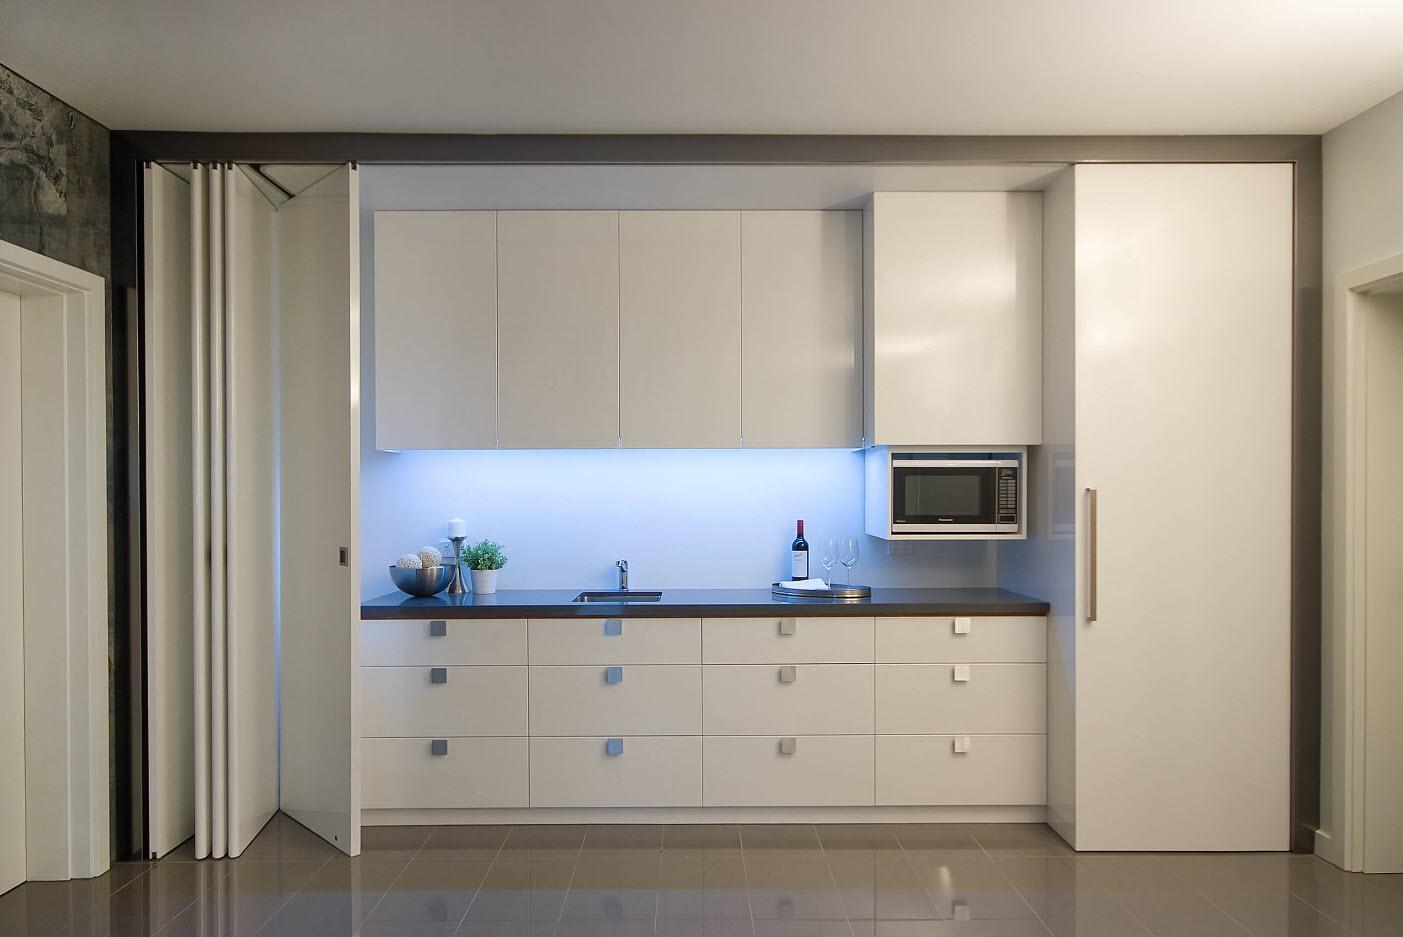 Натяжной потолок на кухне: советы по дизайну, выбору цвета